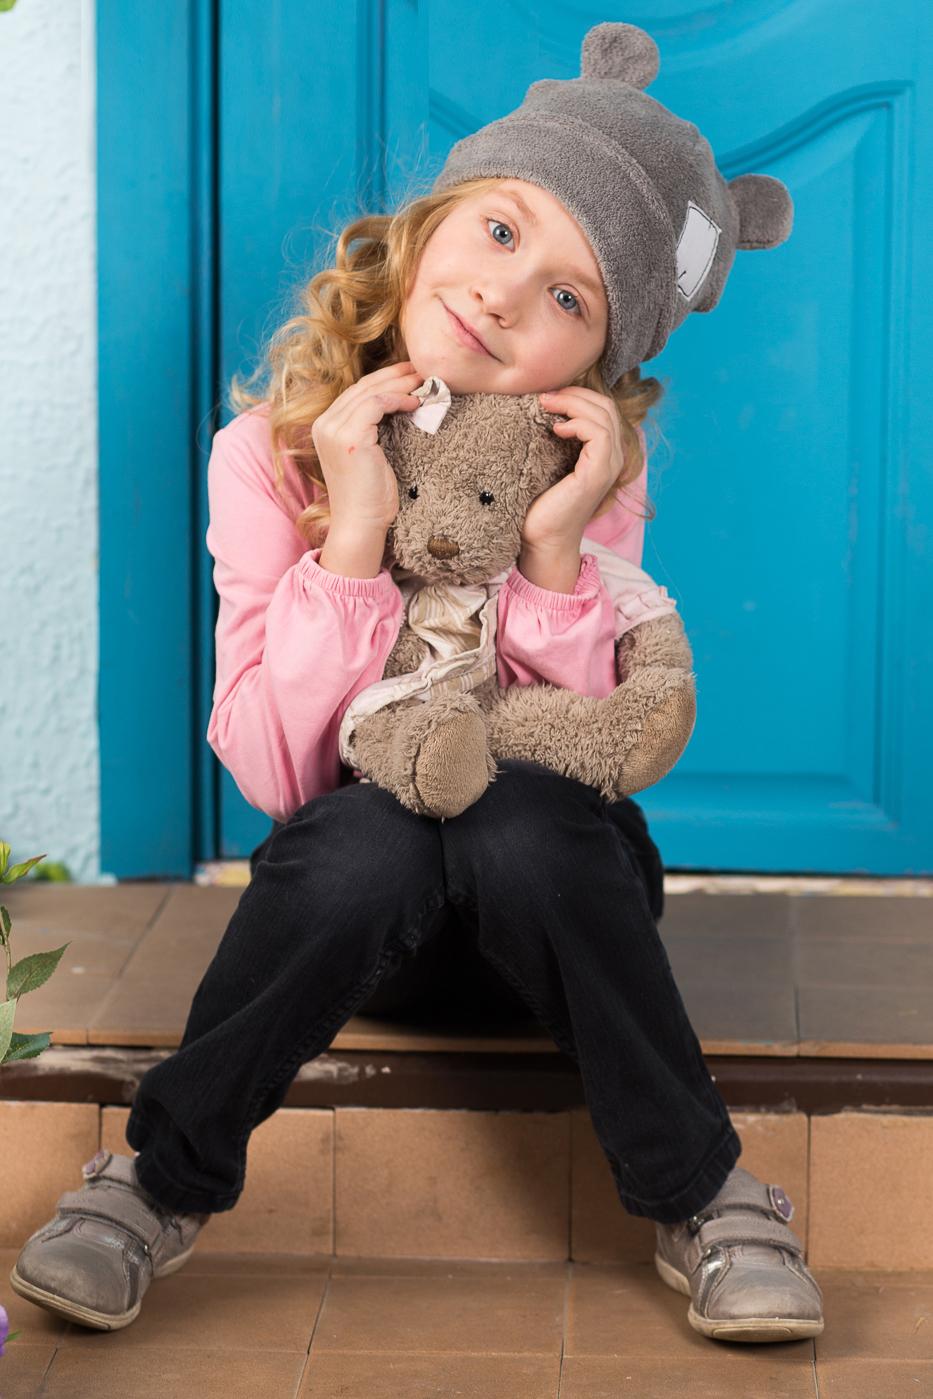 ШапкаГоловные уборы<br>Шапочка защитит Вашего ребенка от непогоды и поднимет настроение.  Размер равен обхвату головы в сантиметрах.  Цвет: серый<br><br>По сезону: Осень,Весна<br>Размер : 48-50,50-52,52-54,54-56<br>Материал: Флис<br>Количество в наличии: 4